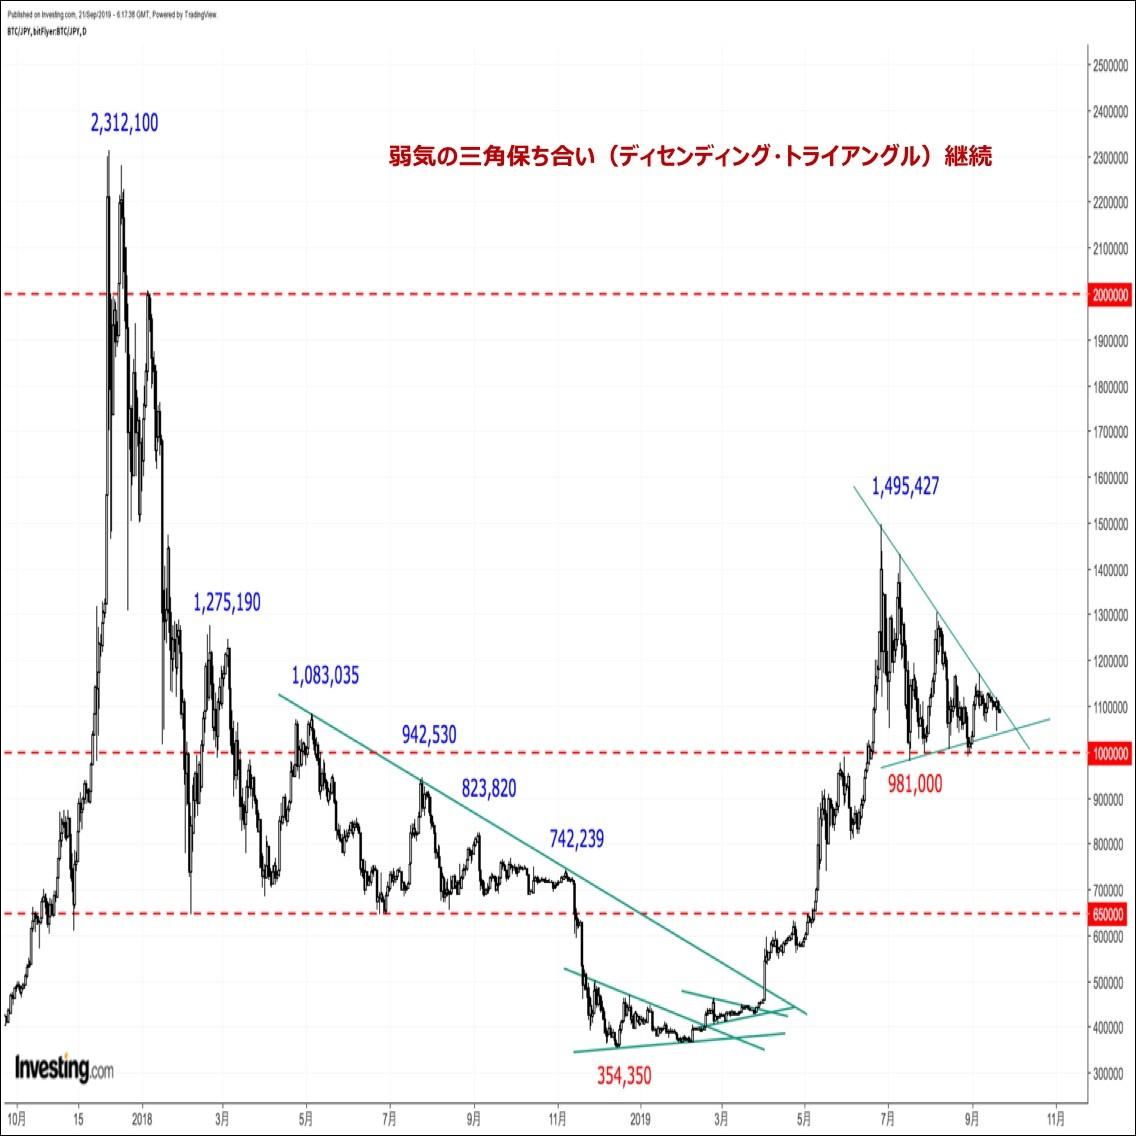 ビットコインの価格分析『Bakktローンチまで後2日。三角保ち合い終了まで後12日』(9/22)